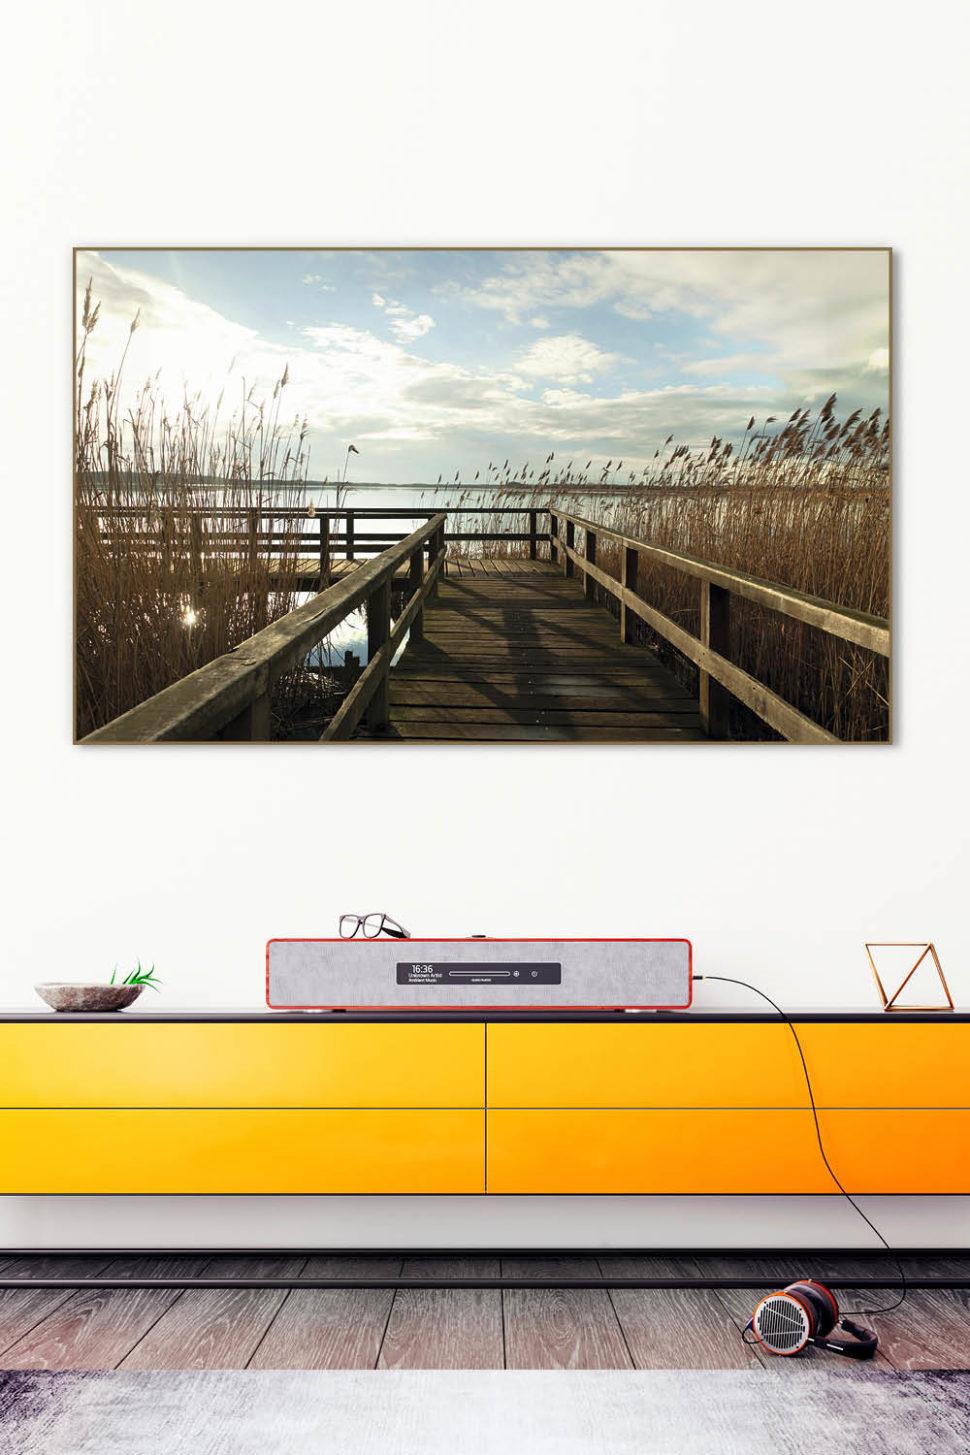 Schallabsorber für die Wand mit Akustikbild in Echtholzrahmen